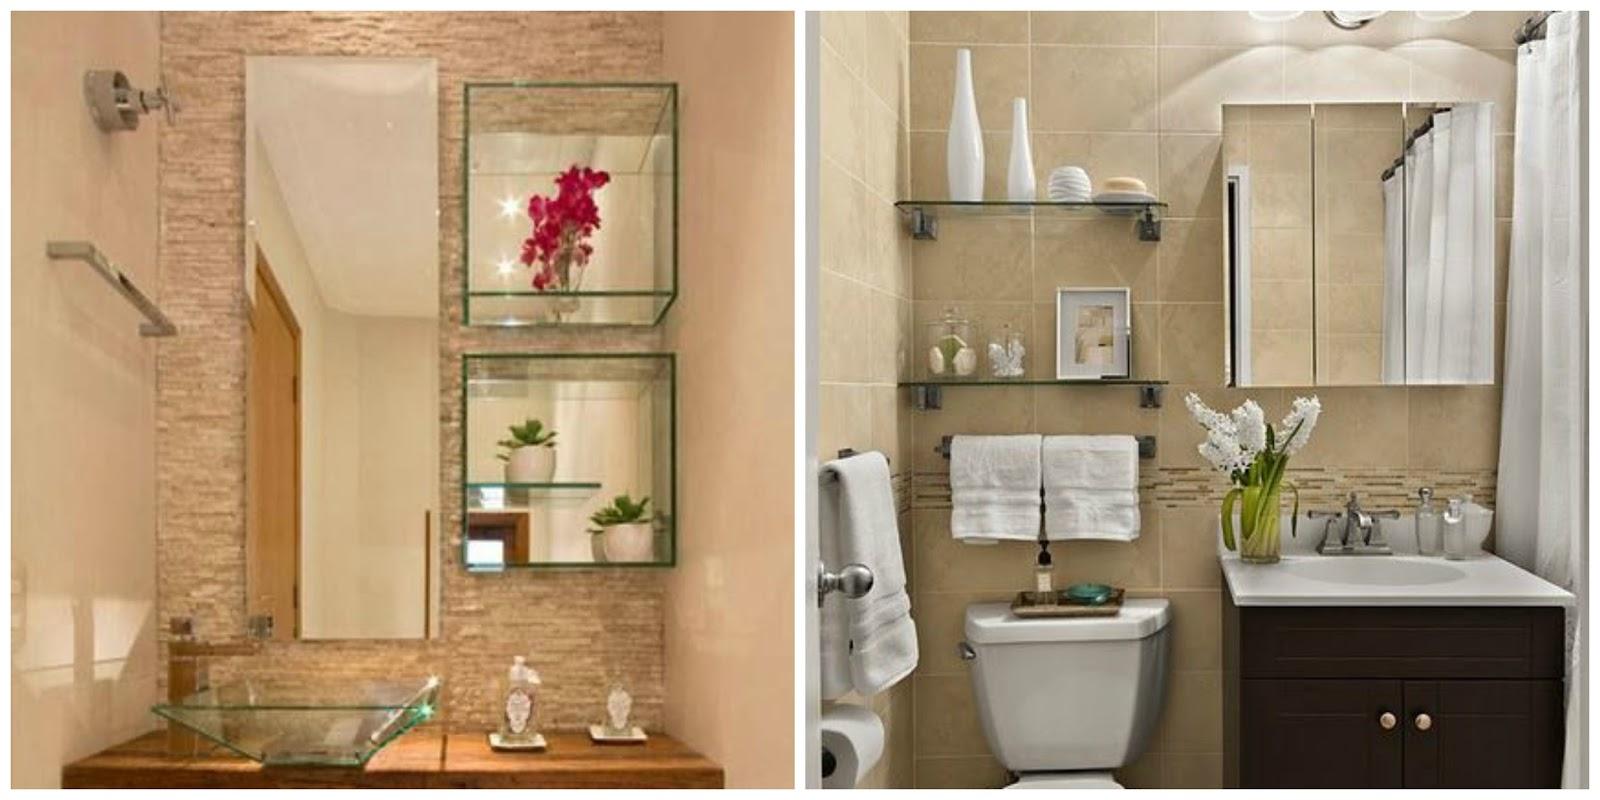 Meu apê Decoração banheiro pequeno -> Banheiro Decorado Com Prateleiras De Vidro